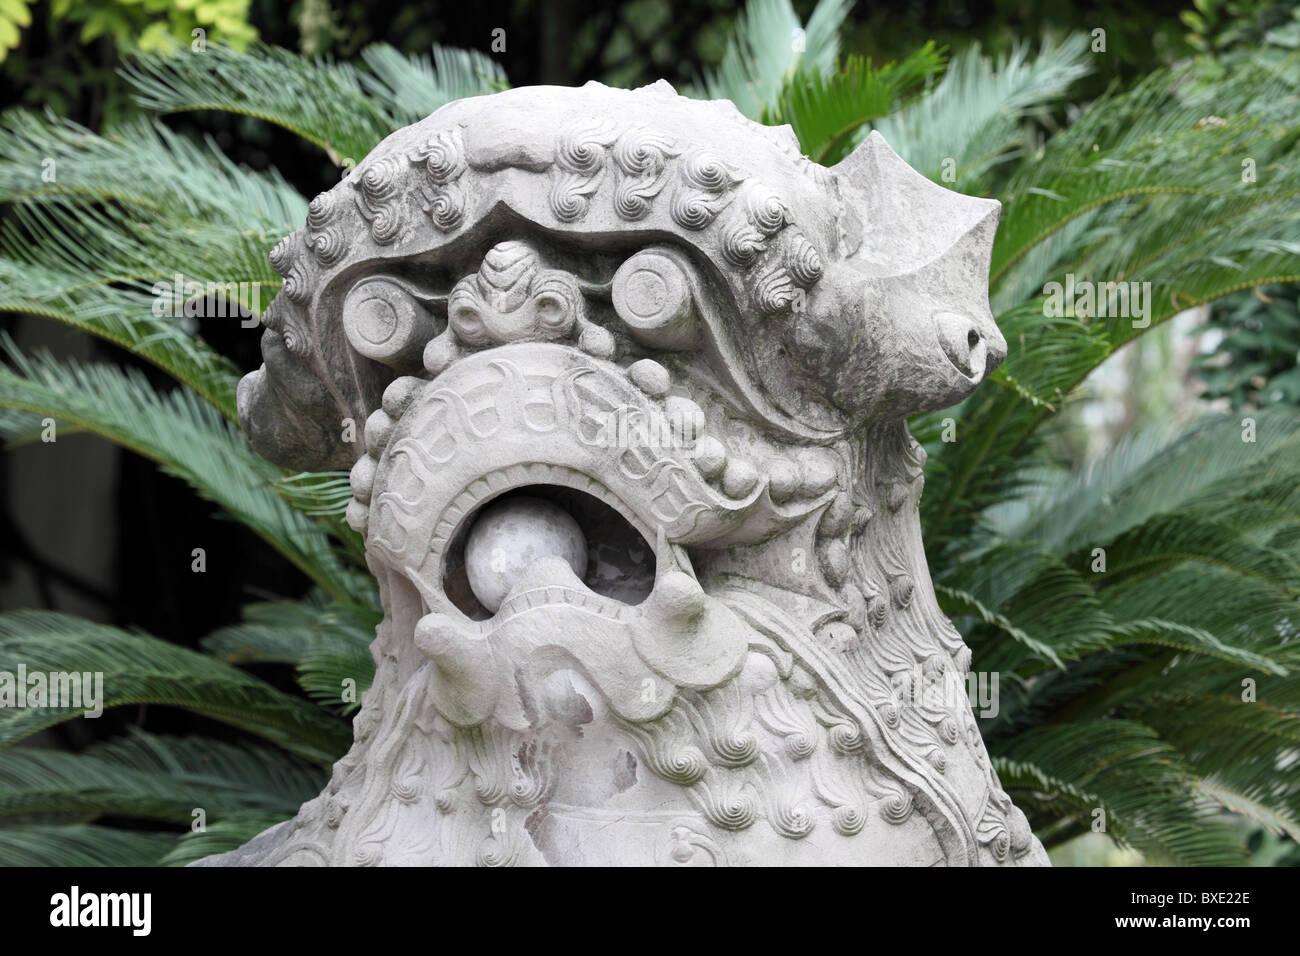 Lion Statue In Chinese Garden